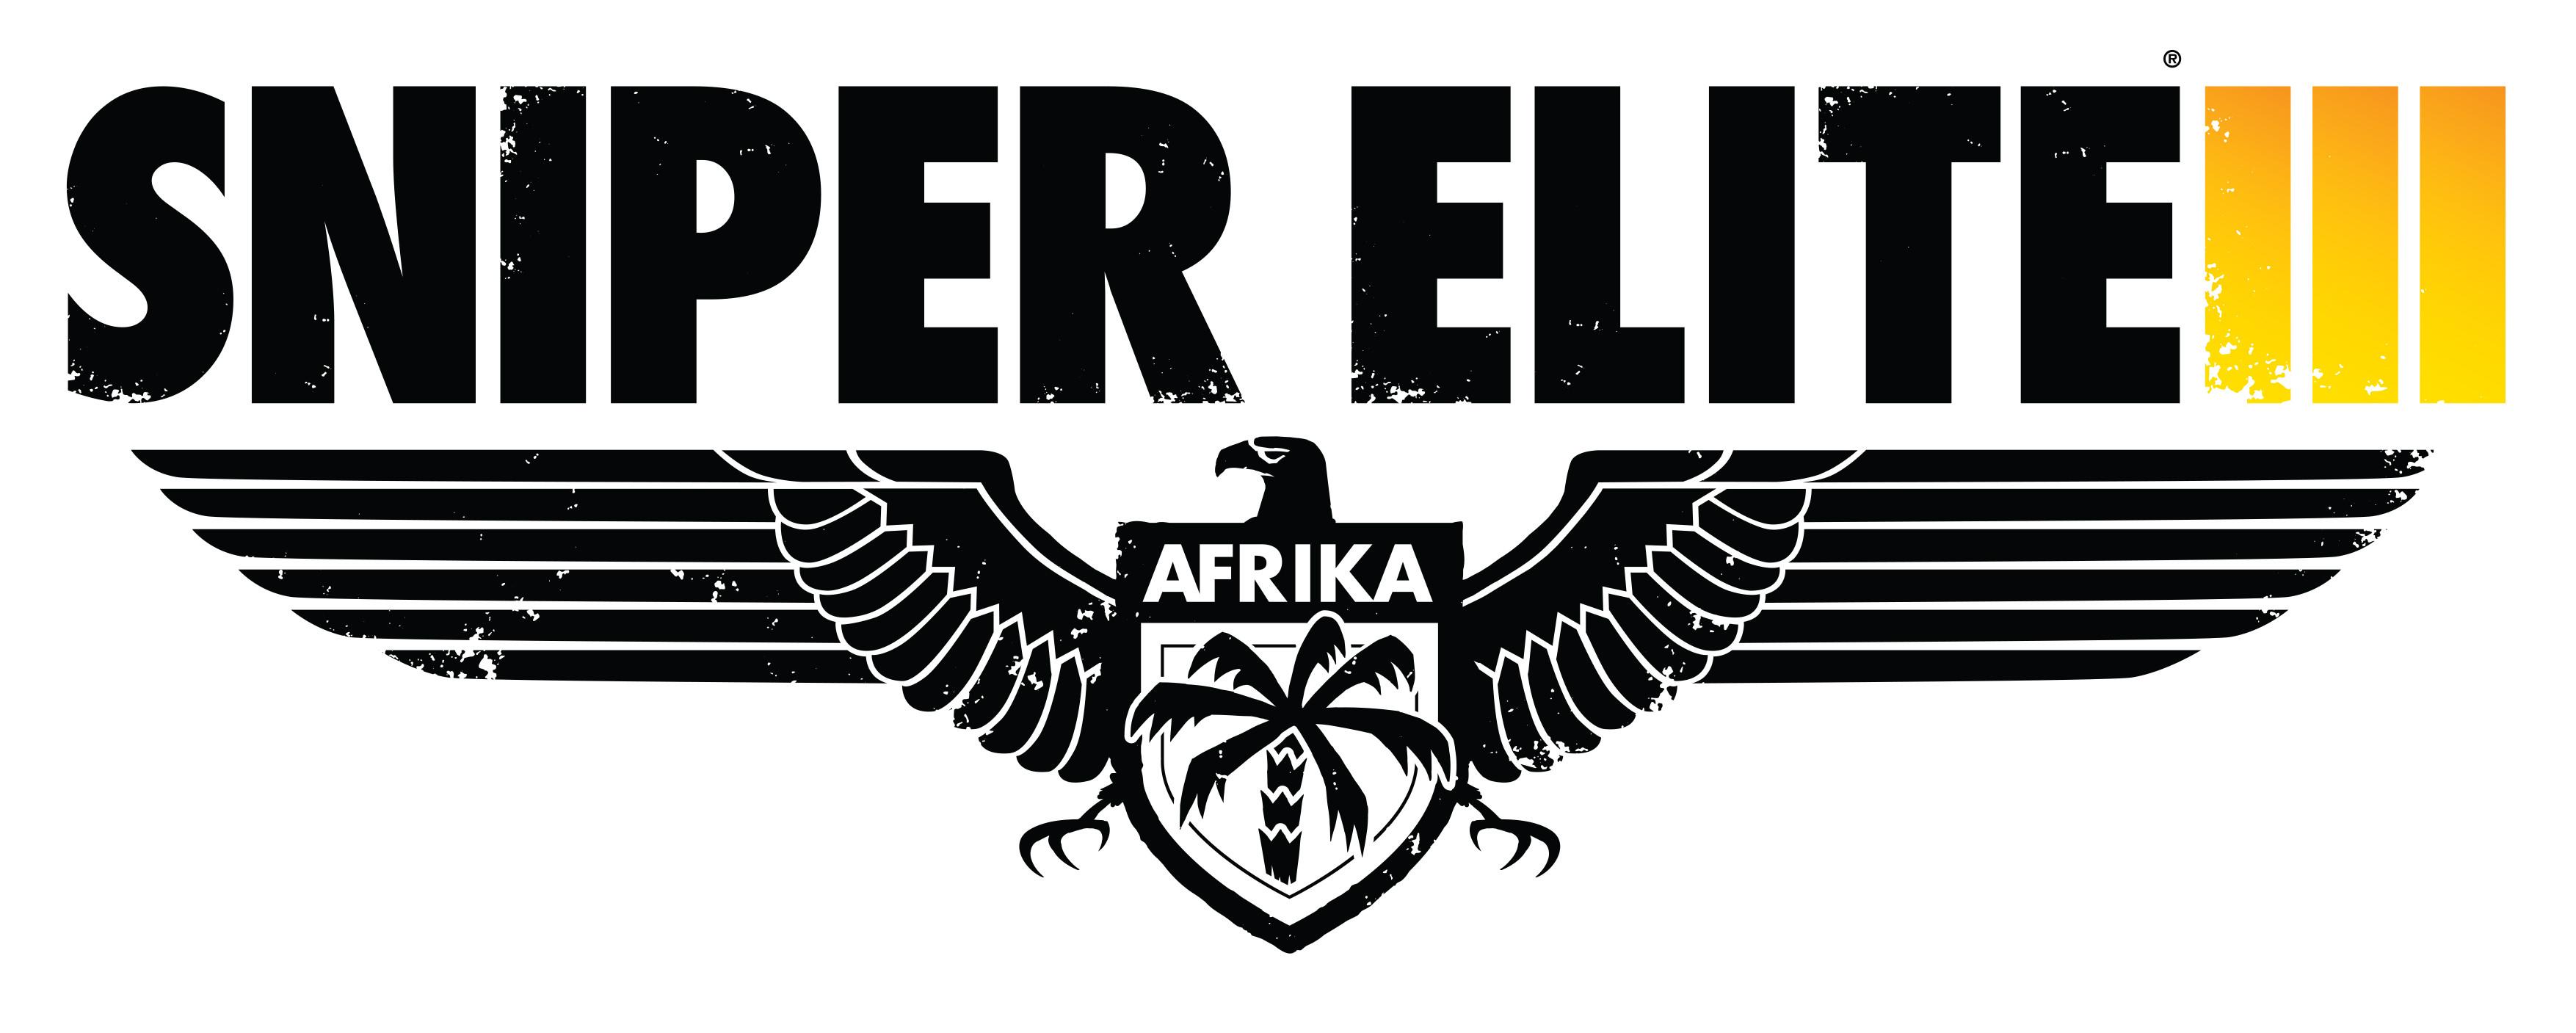 sniper elite 2 header